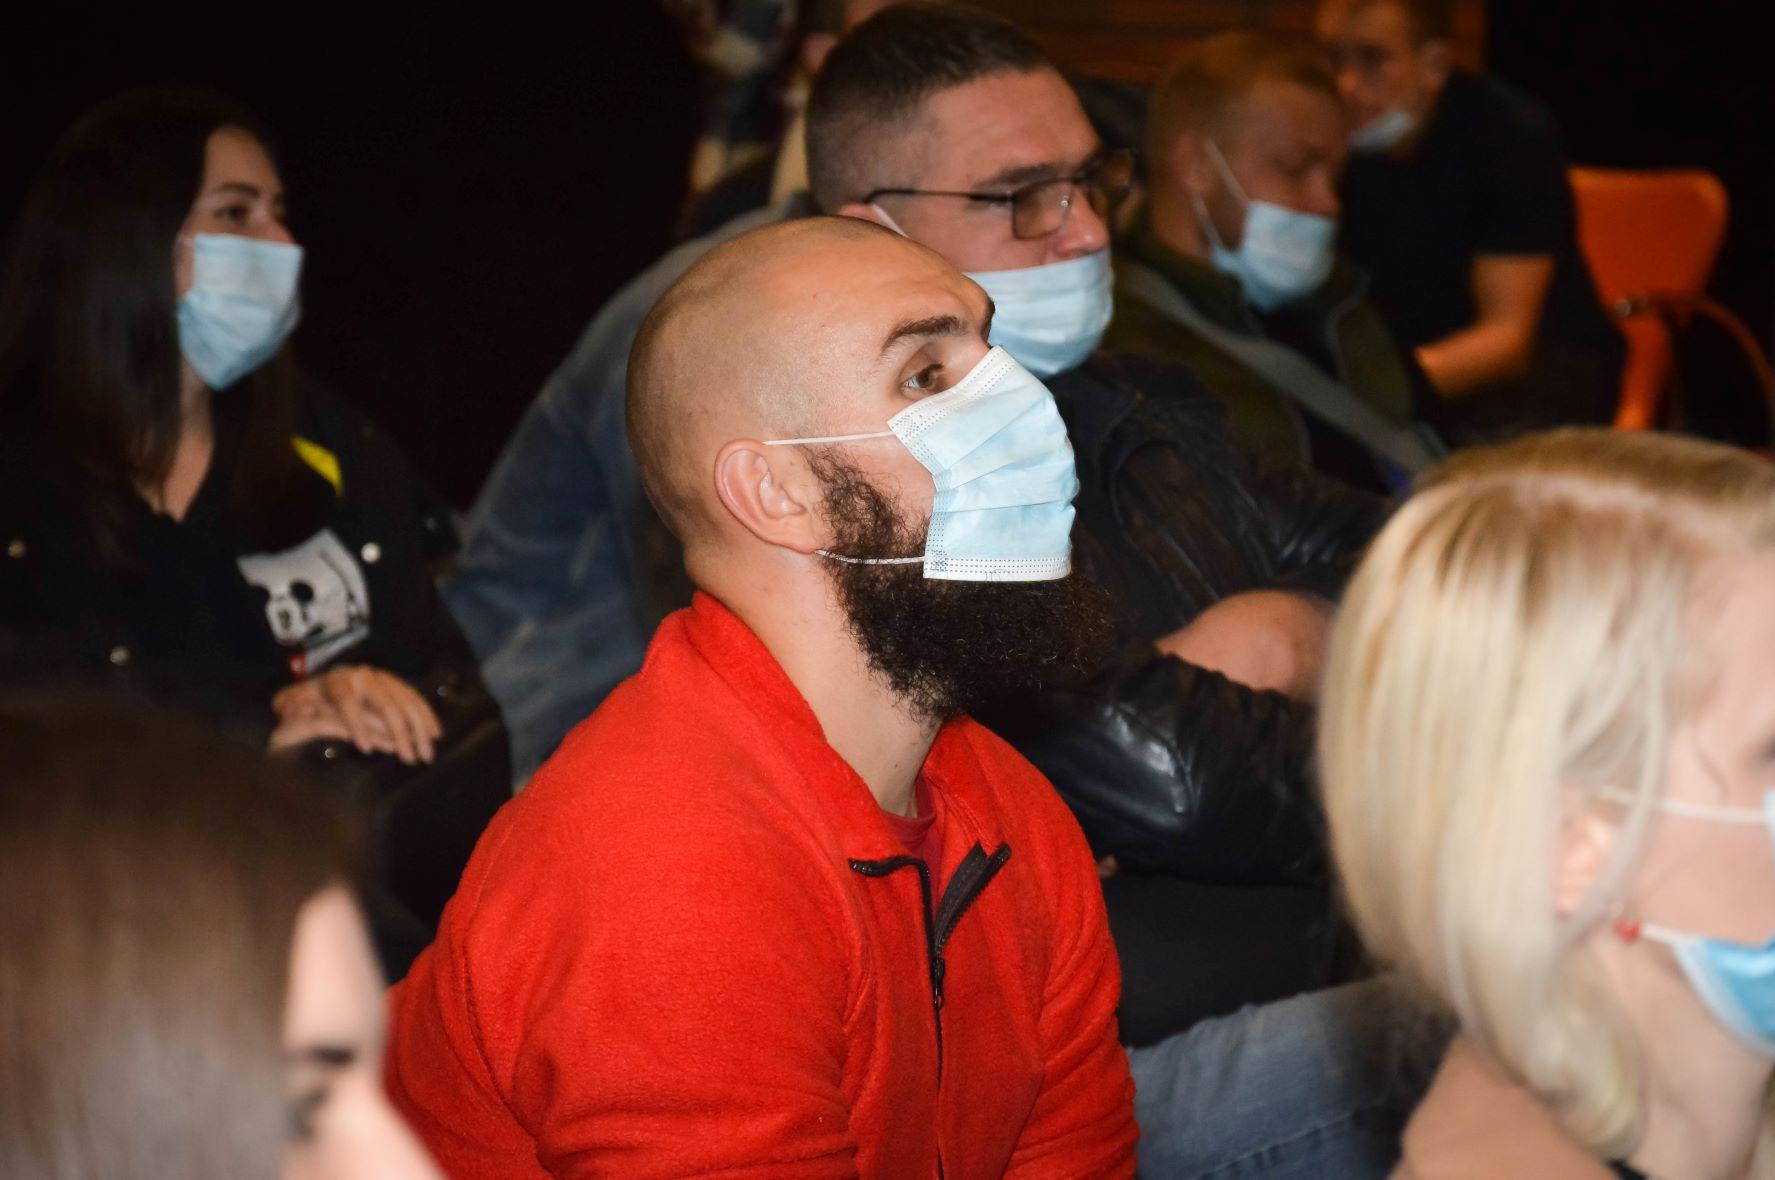 ЦБТ провів актуальну дискусійну панель в Чернівцях - 14 фото